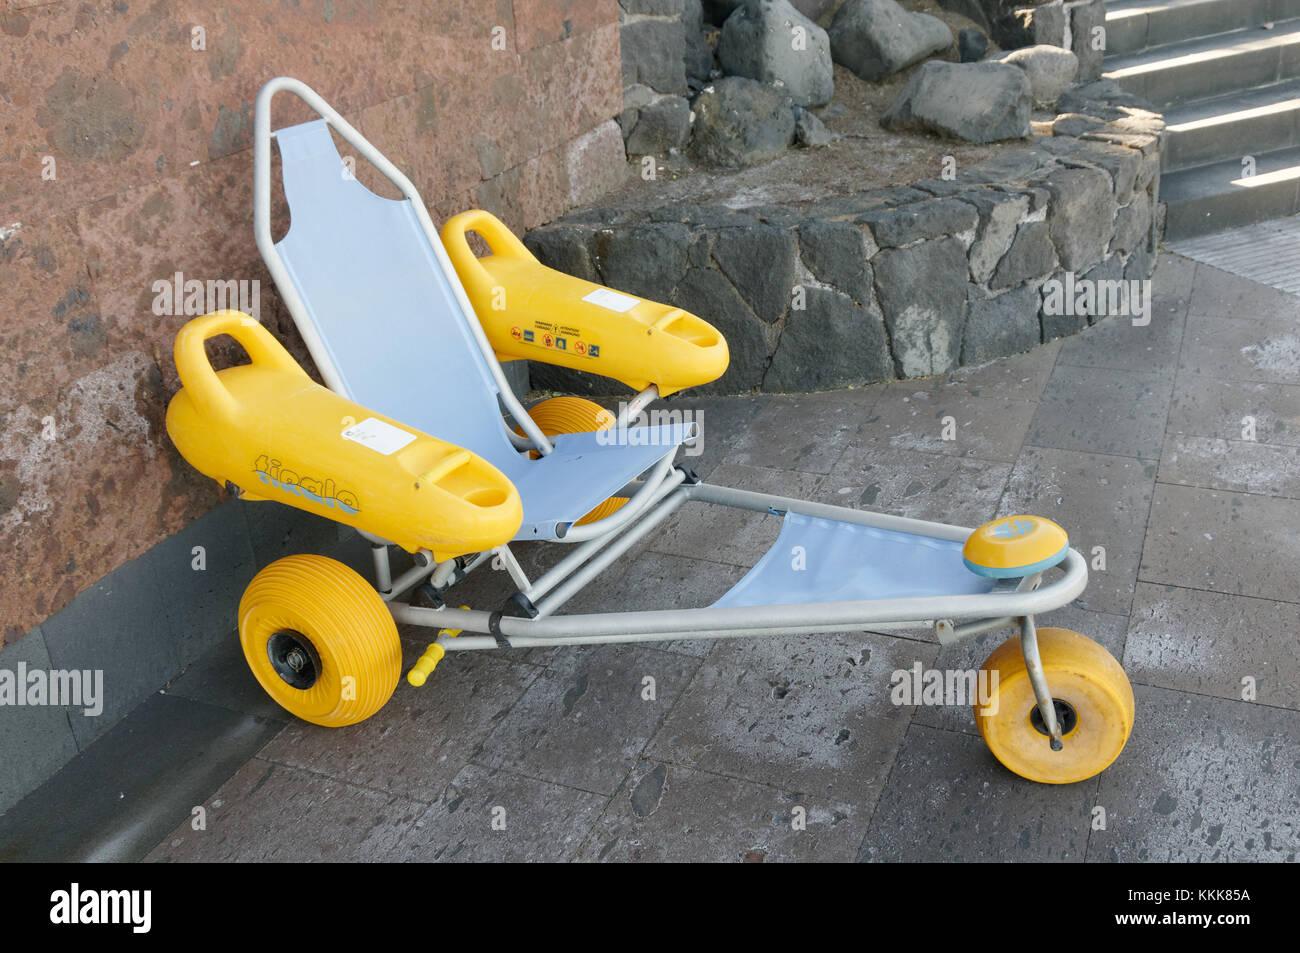 Strand Rollstuhl Rollstühle Zugriff zugänglich Zugänglichkeit Rad Stuhl Stühle auf unebenem Boden die unebene Oberfläche Strände Stockfoto